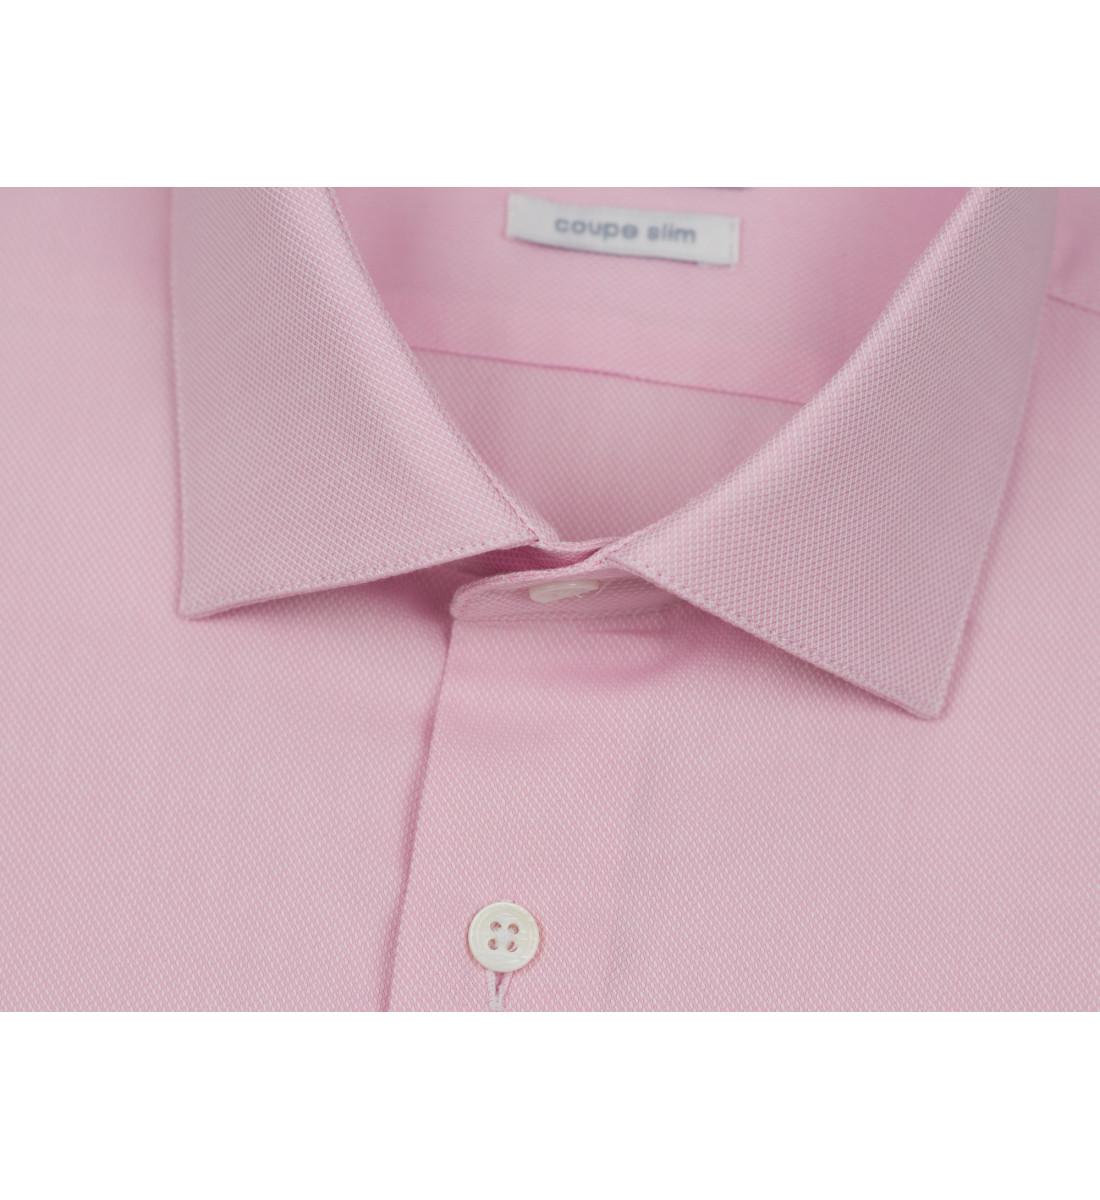 Chemise cintrée en tissu pointe diamantée ROSE